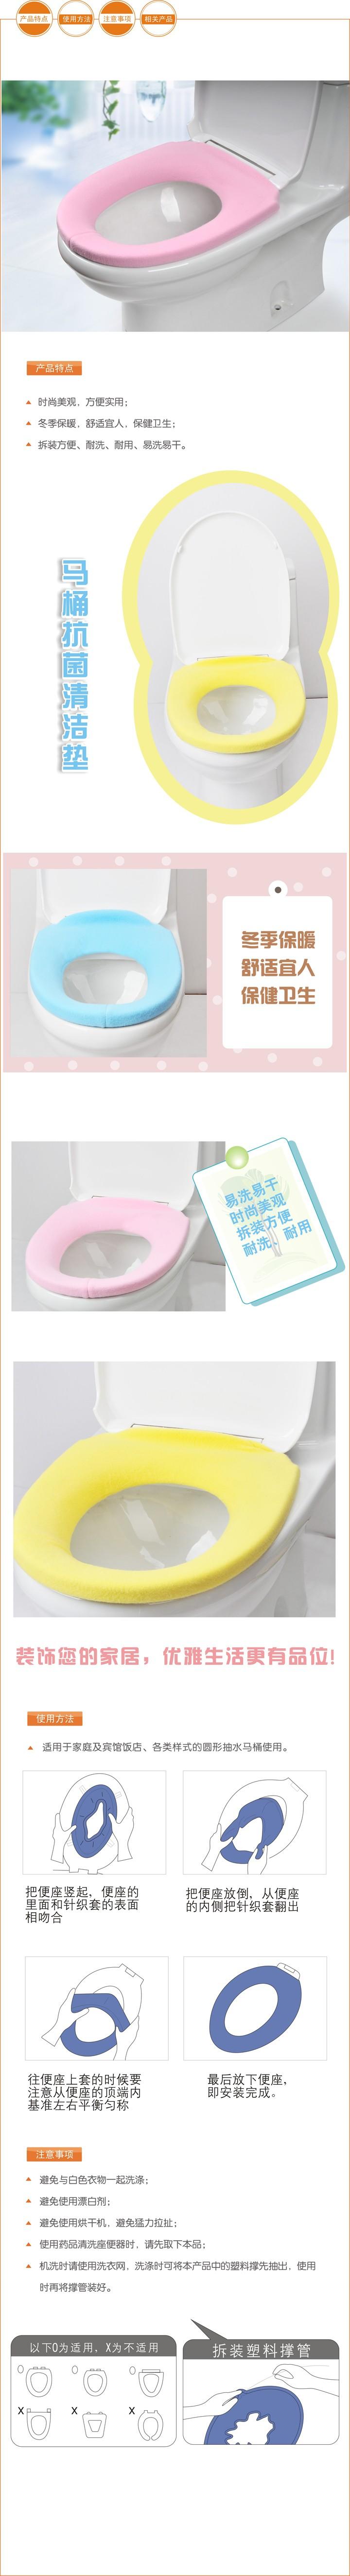 各类样式的圆形抽水马桶使用